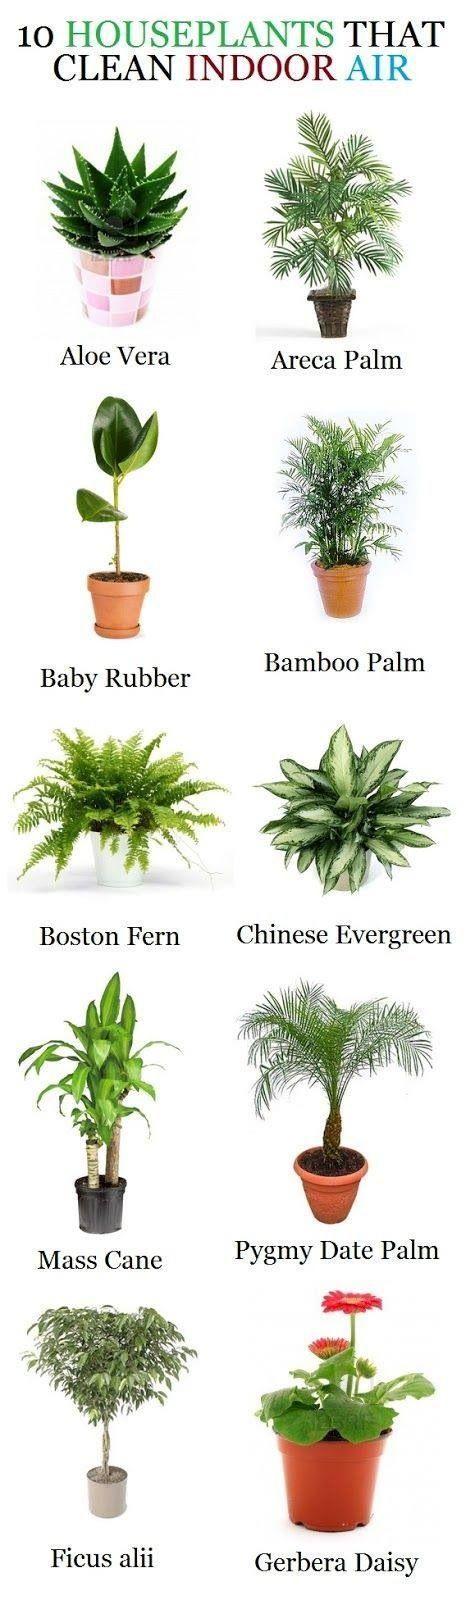 Las 10 mejores plantas para purificar el aire en casa #infograf�a